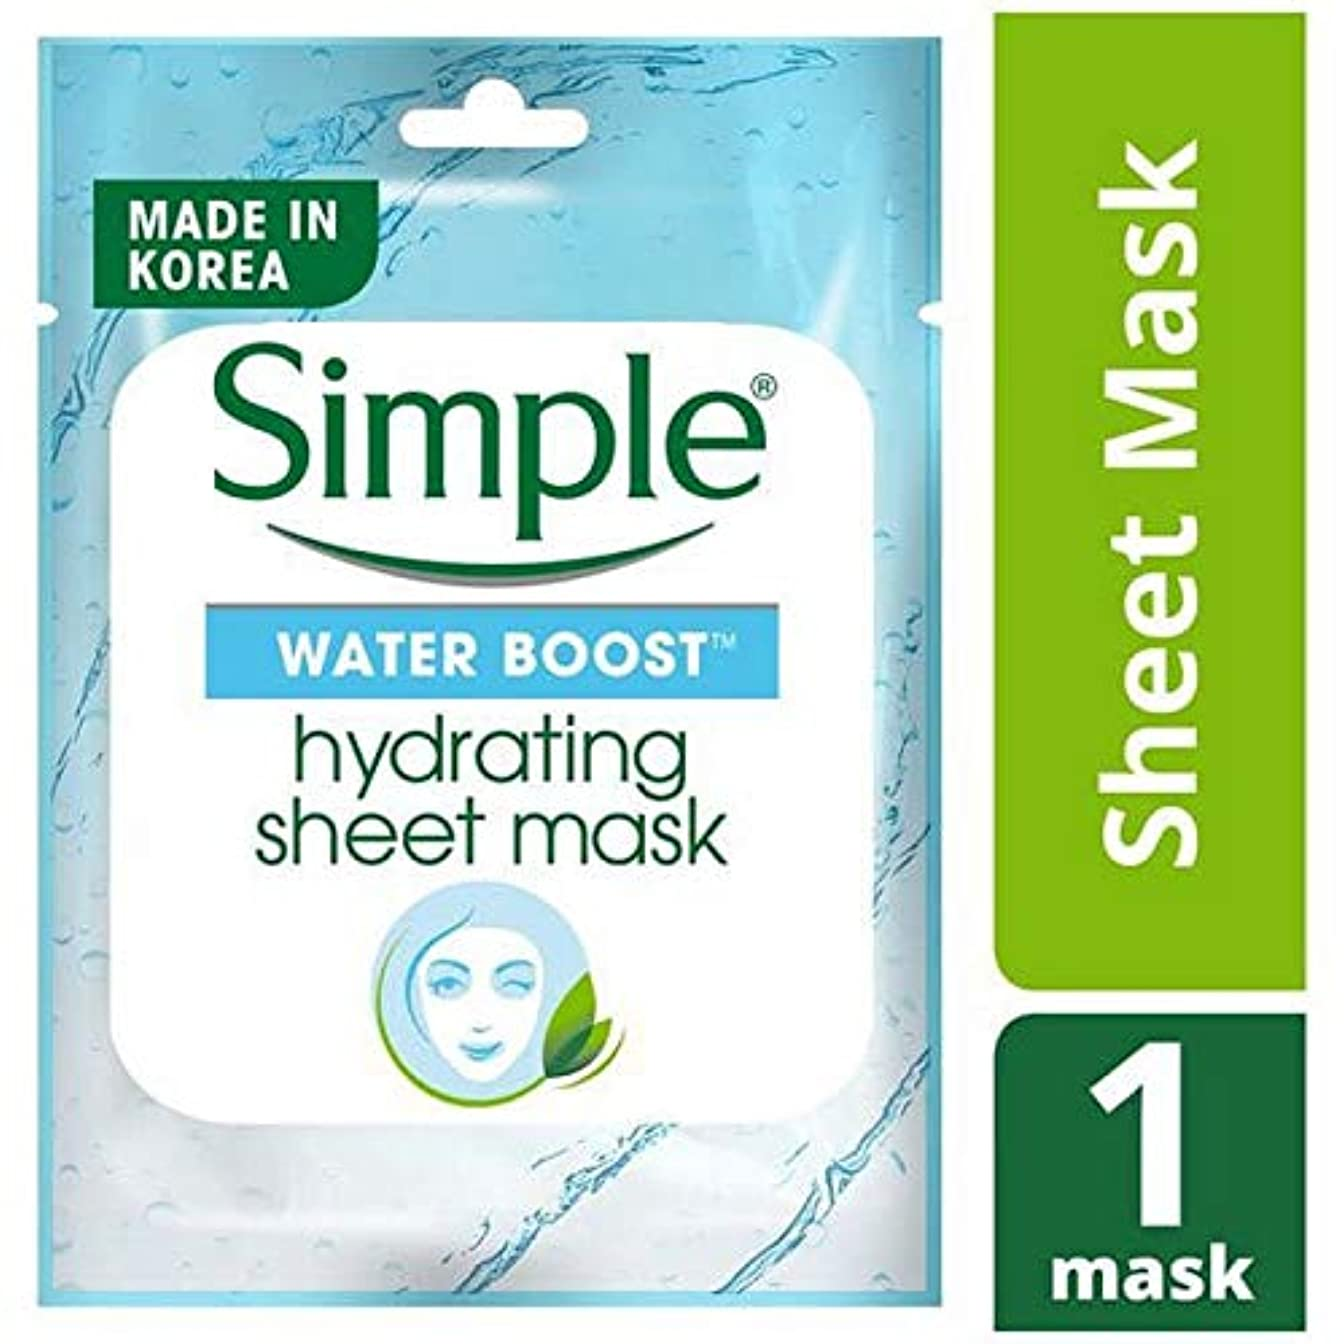 師匠バクテリア区別[Simple] シンプルな水ブーストシートマスク - Simple Water Boost Sheet Mask [並行輸入品]